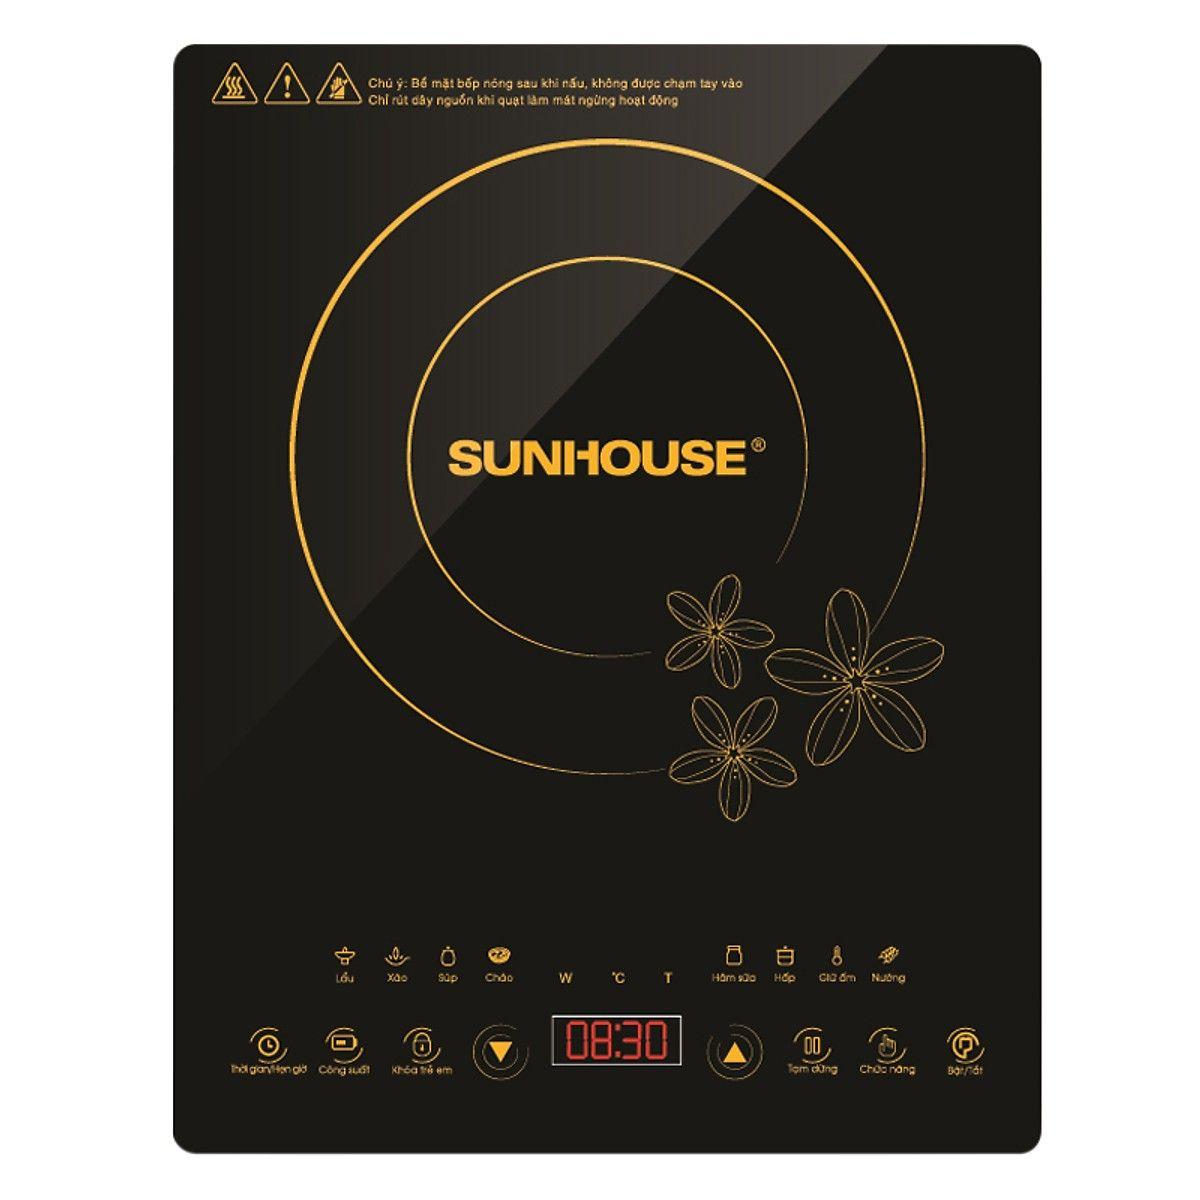 Bếp điện từ Sunhouse với thiết kế nhỏ gọn, màu sắc hiện đại, thích hợp cho mọi gia đình và cả những người đi xa